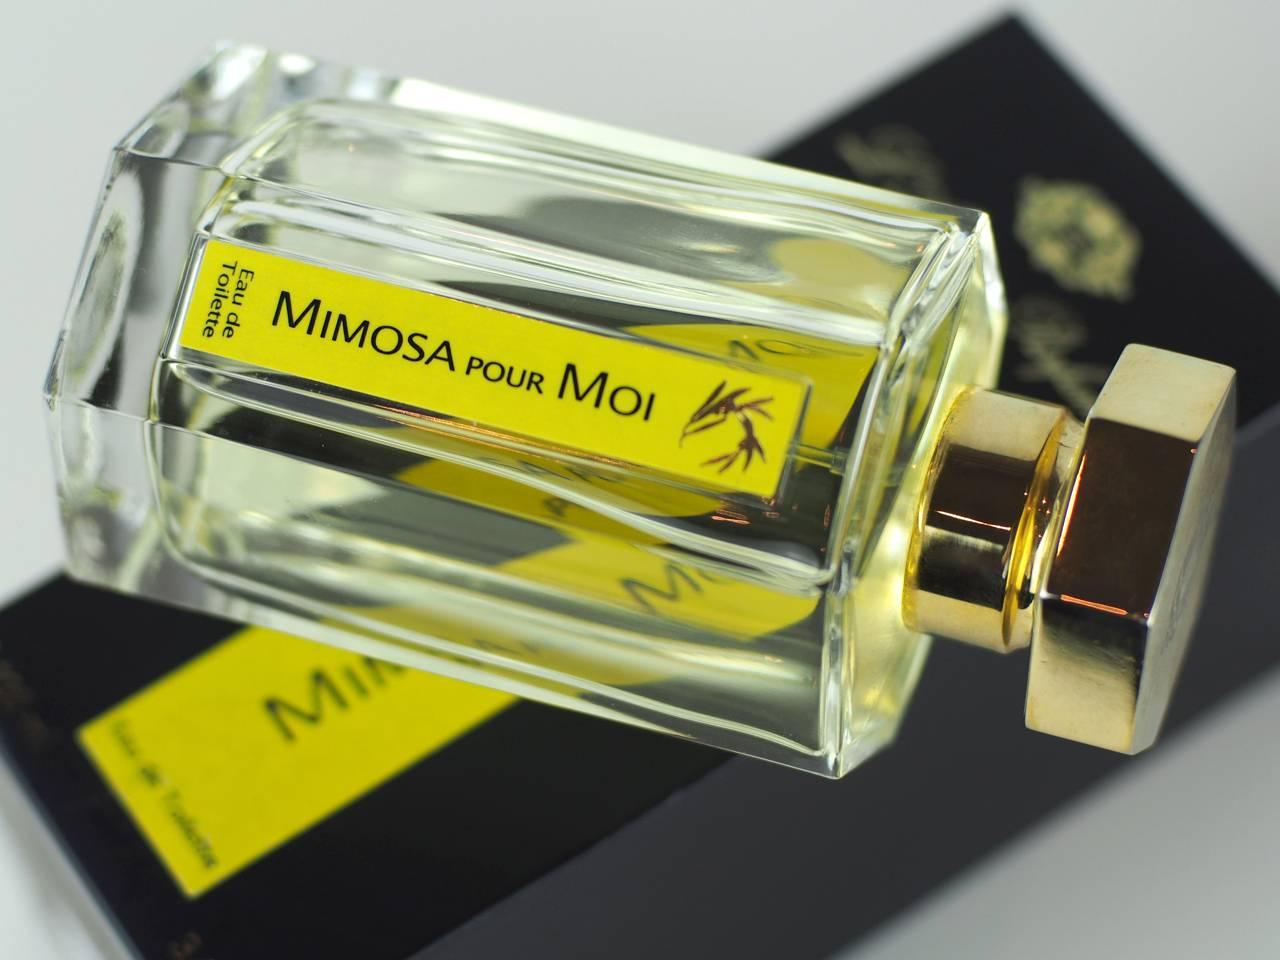 Парфюмированная вода «лакосте пур фам»: отзывы, описание аромата и состав